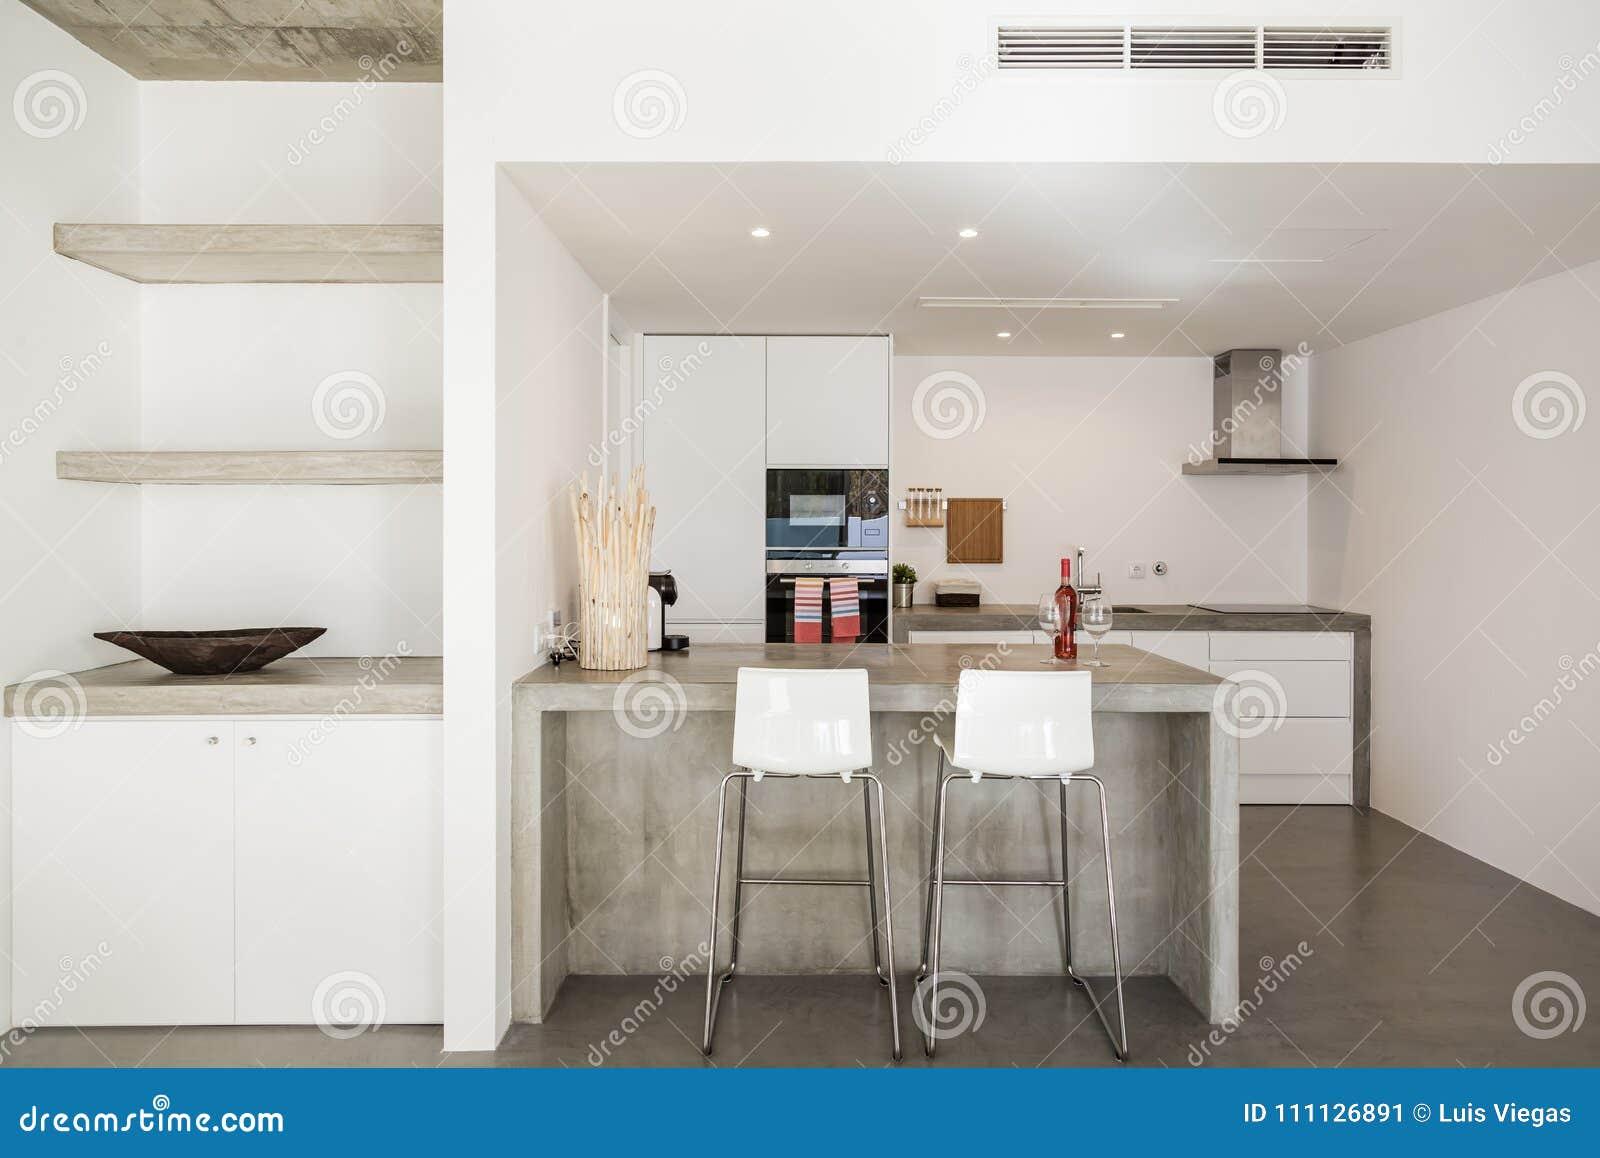 Plancher De Tuiles Gris De Cuisine Moderne Et Mur Blanc Image stock ...